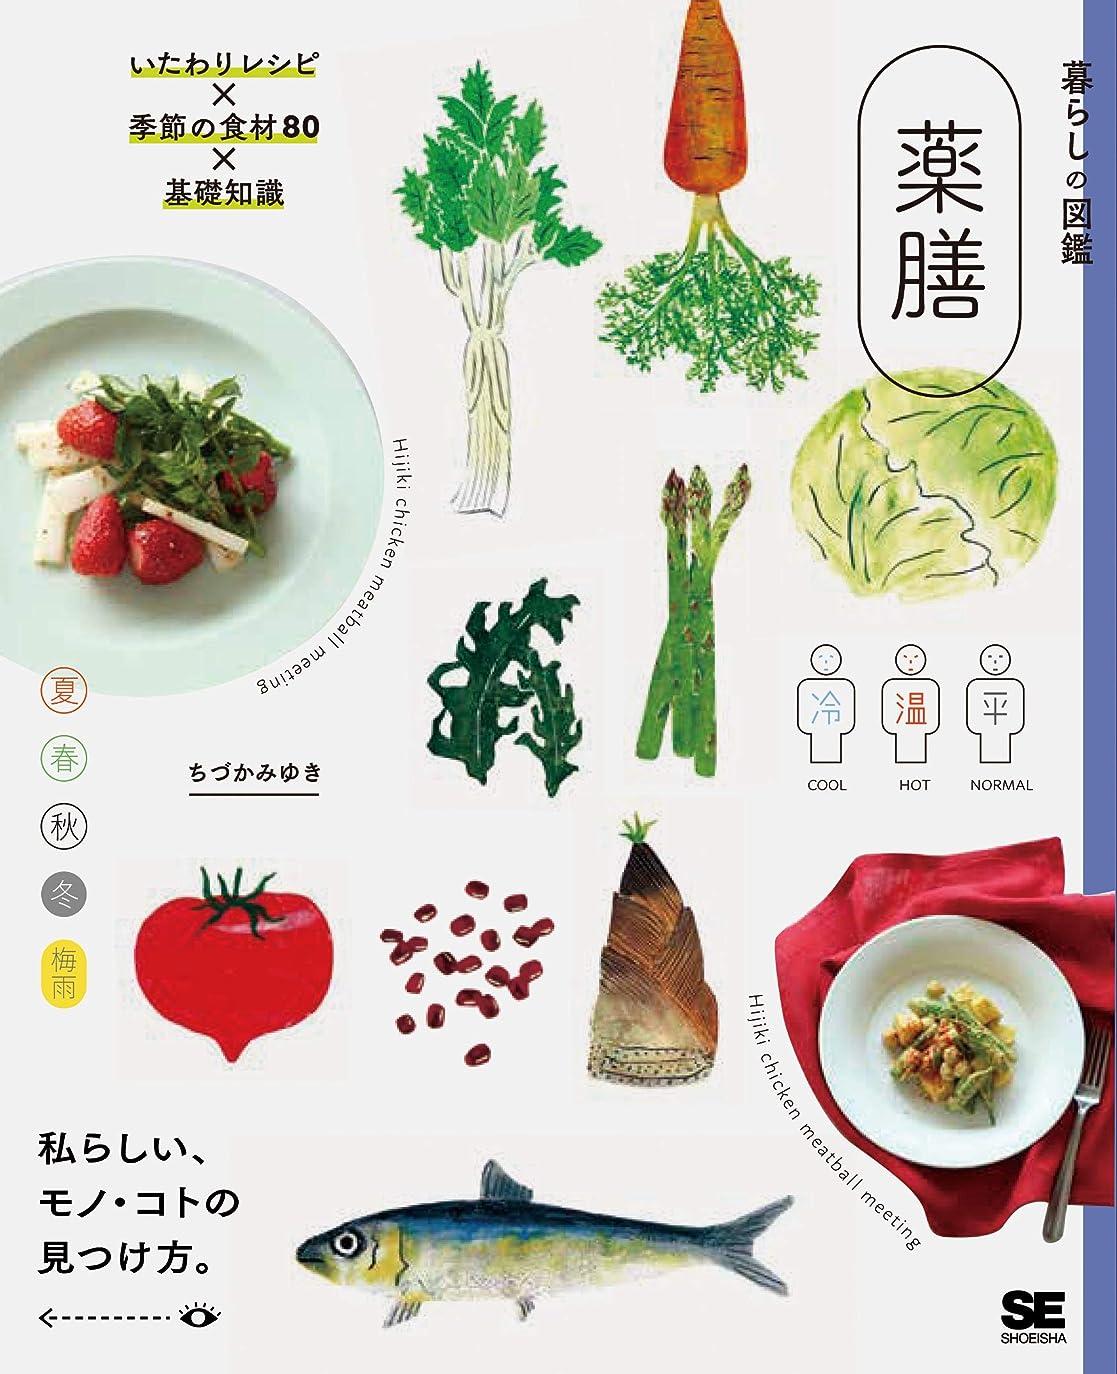 協力耐えられないガム暮らしの図鑑 薬膳 季節の食材80×いたわりレシピ×基礎知識